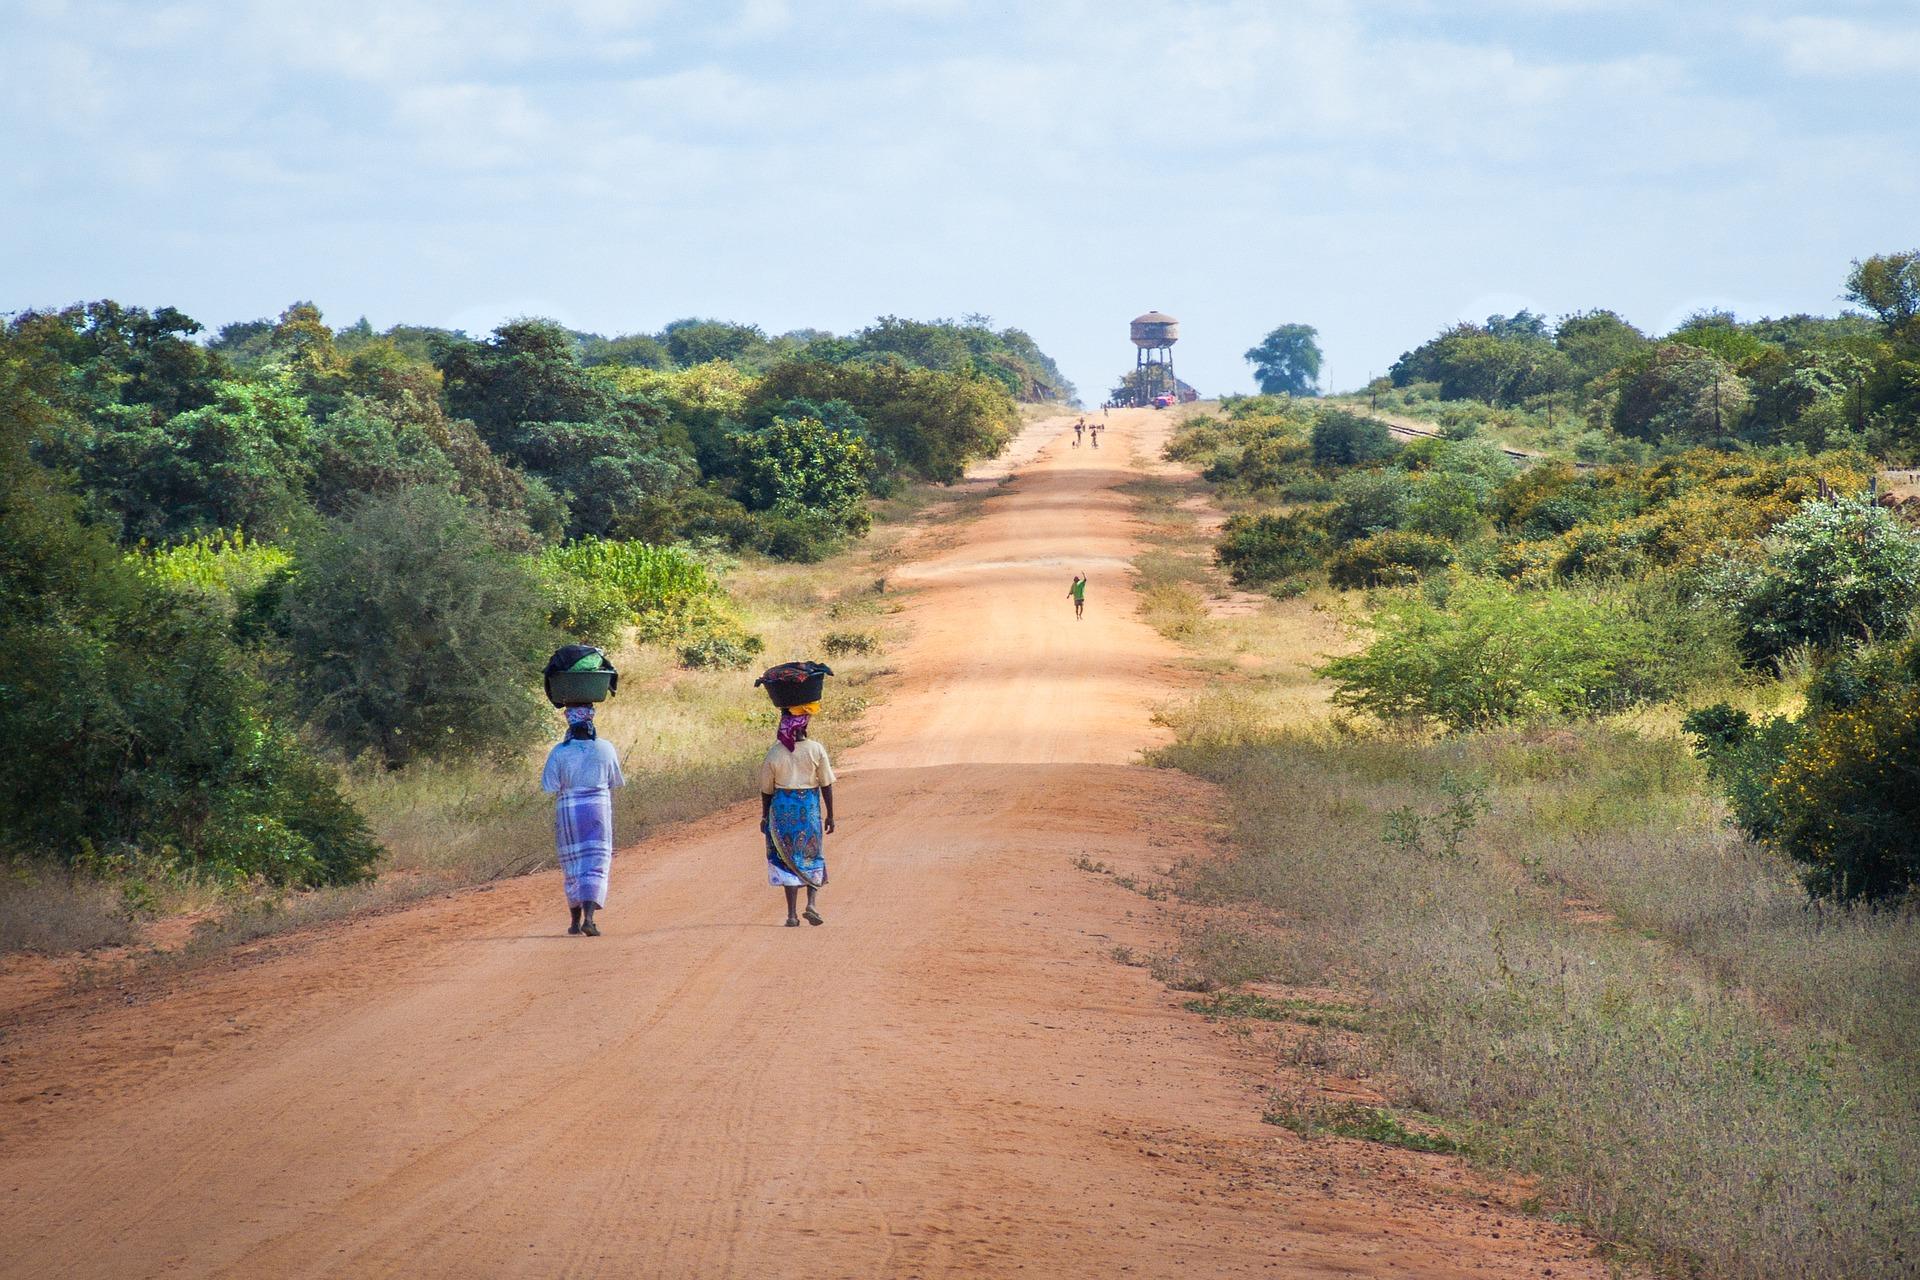 african-women-walking-along-road-2983081_1920.jpg